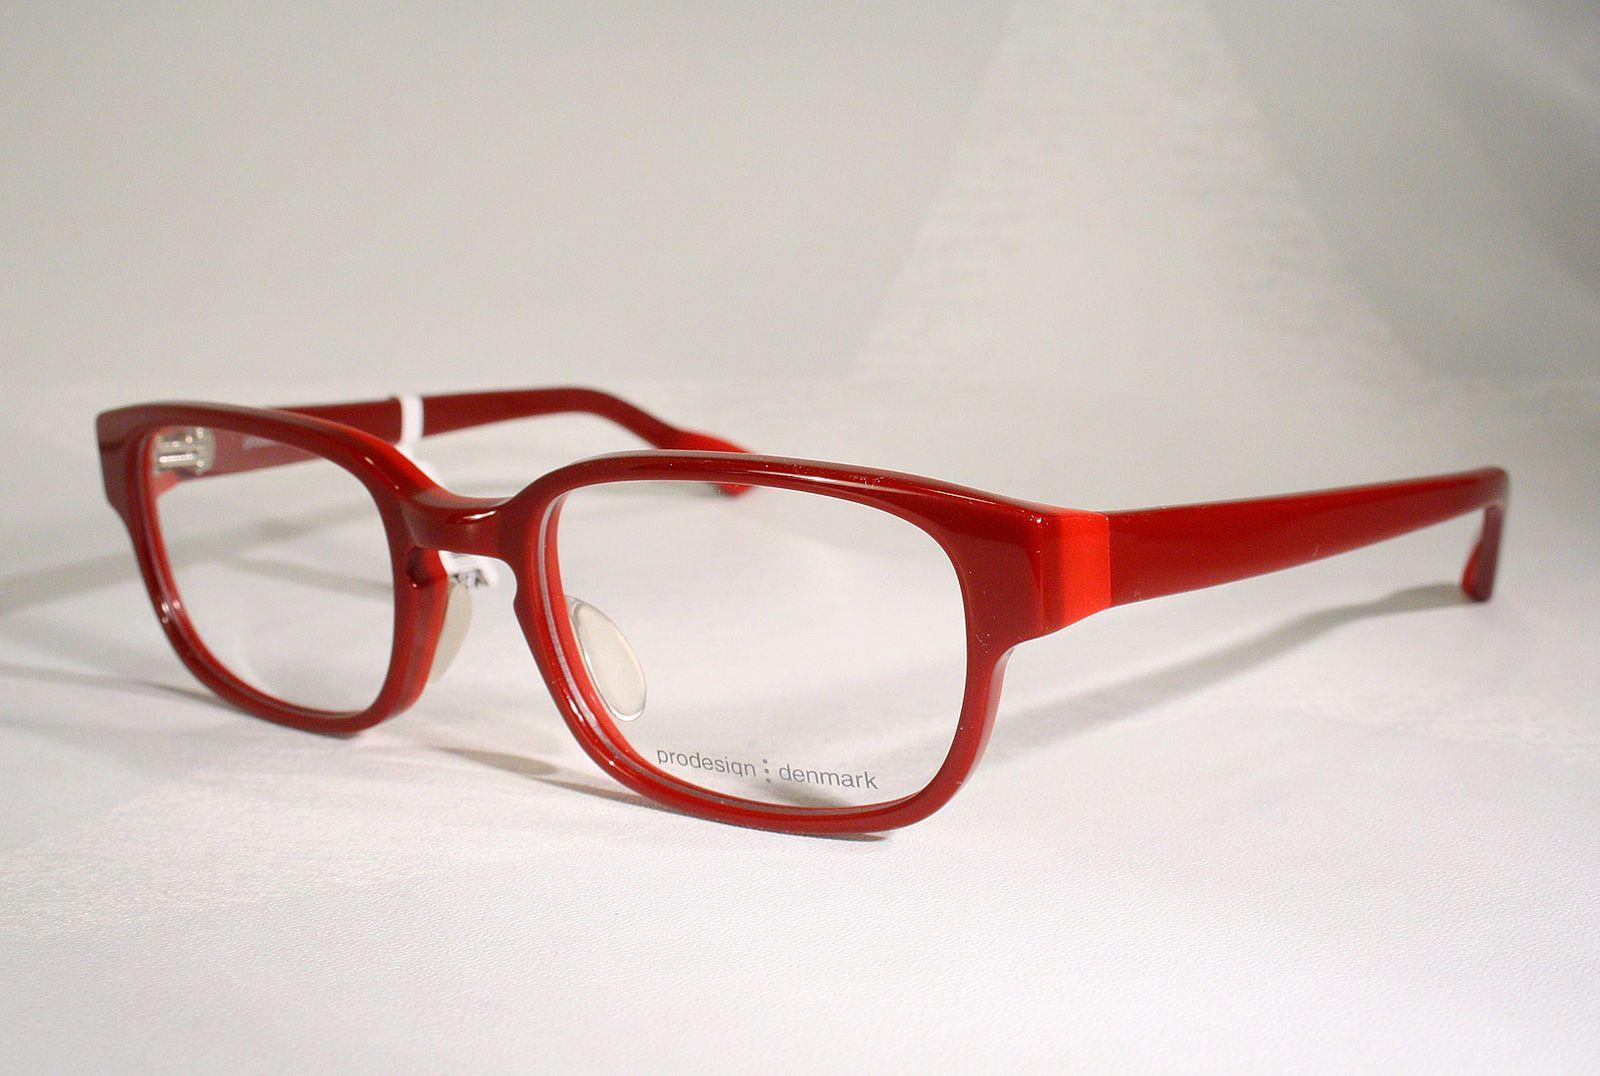 35a5a971c081 New PRODESIGN DENMARK 4648 Women s Red Horn-Rimmed Designer Eyeglass Frames